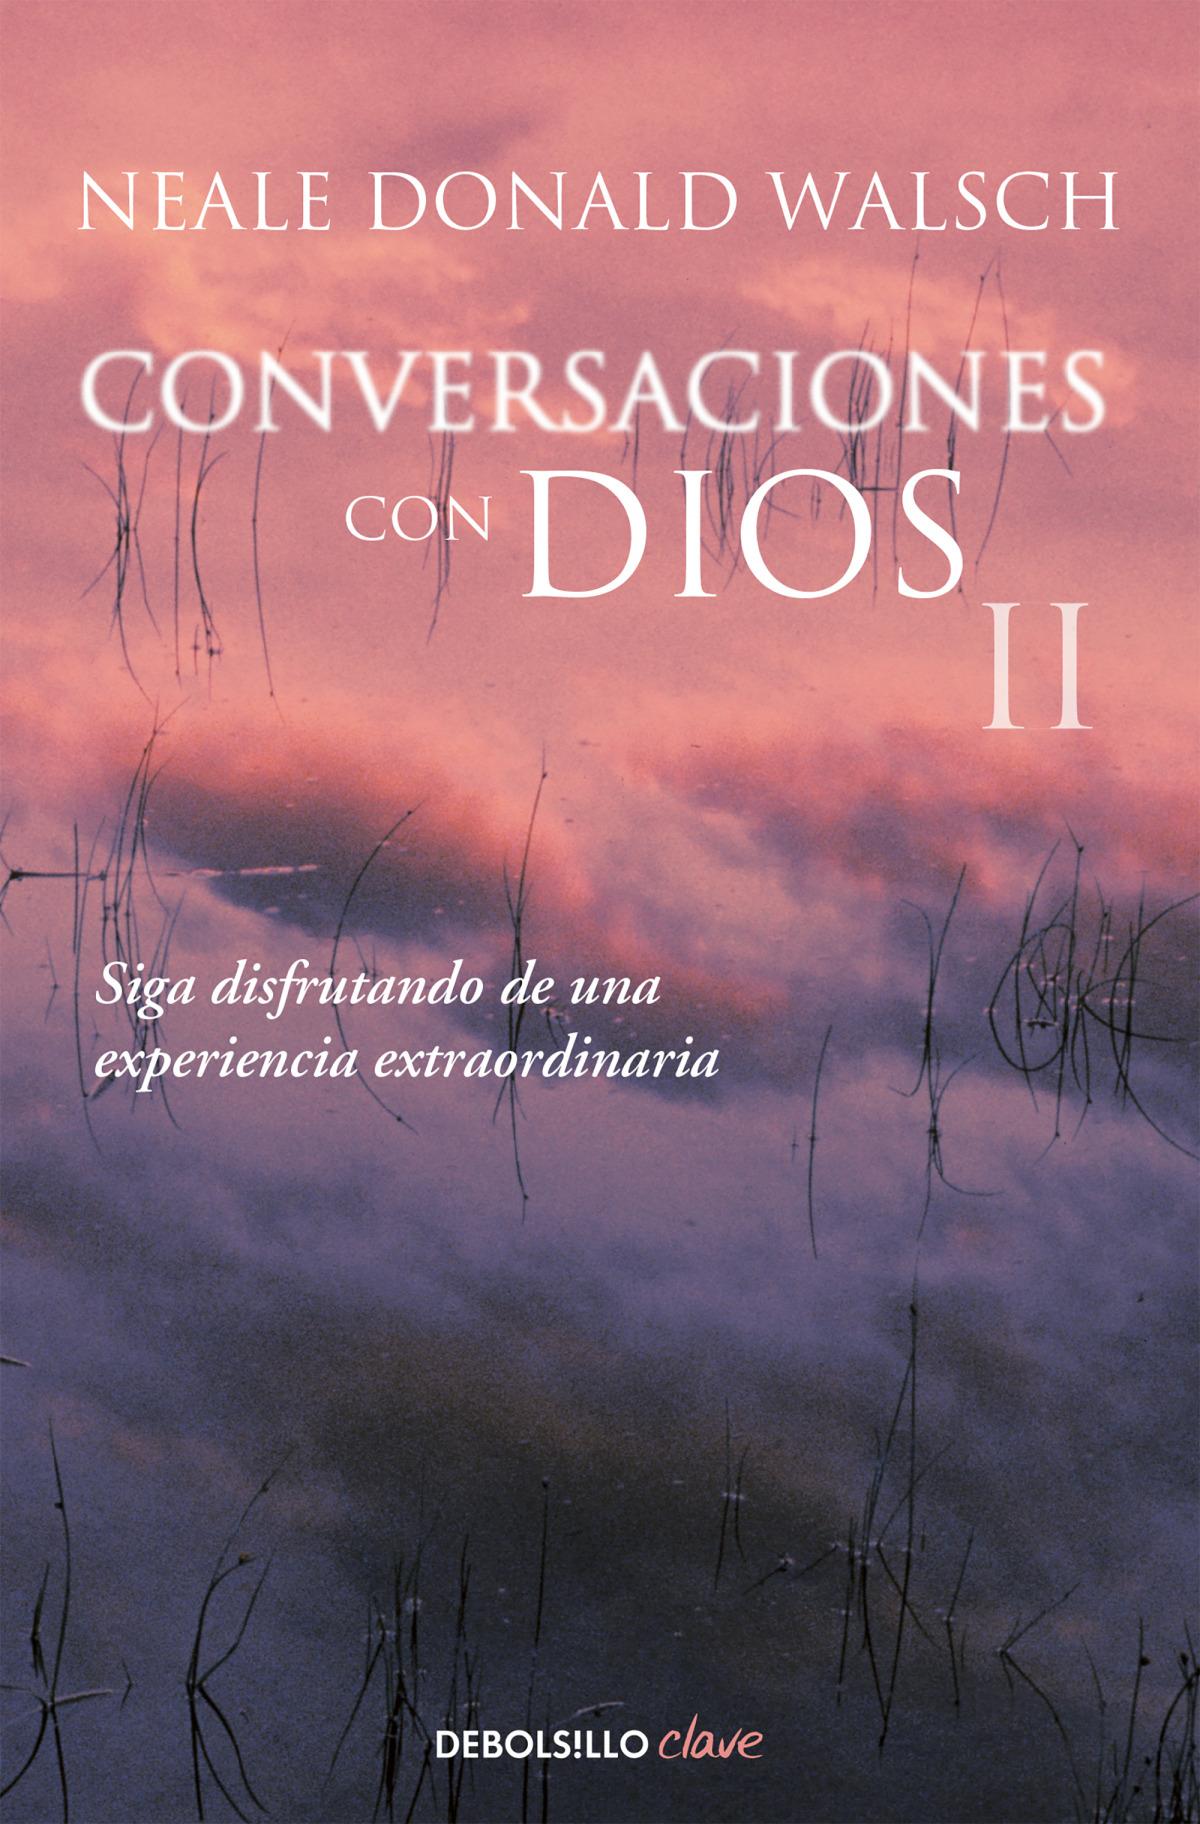 Conversaciones con Dios II